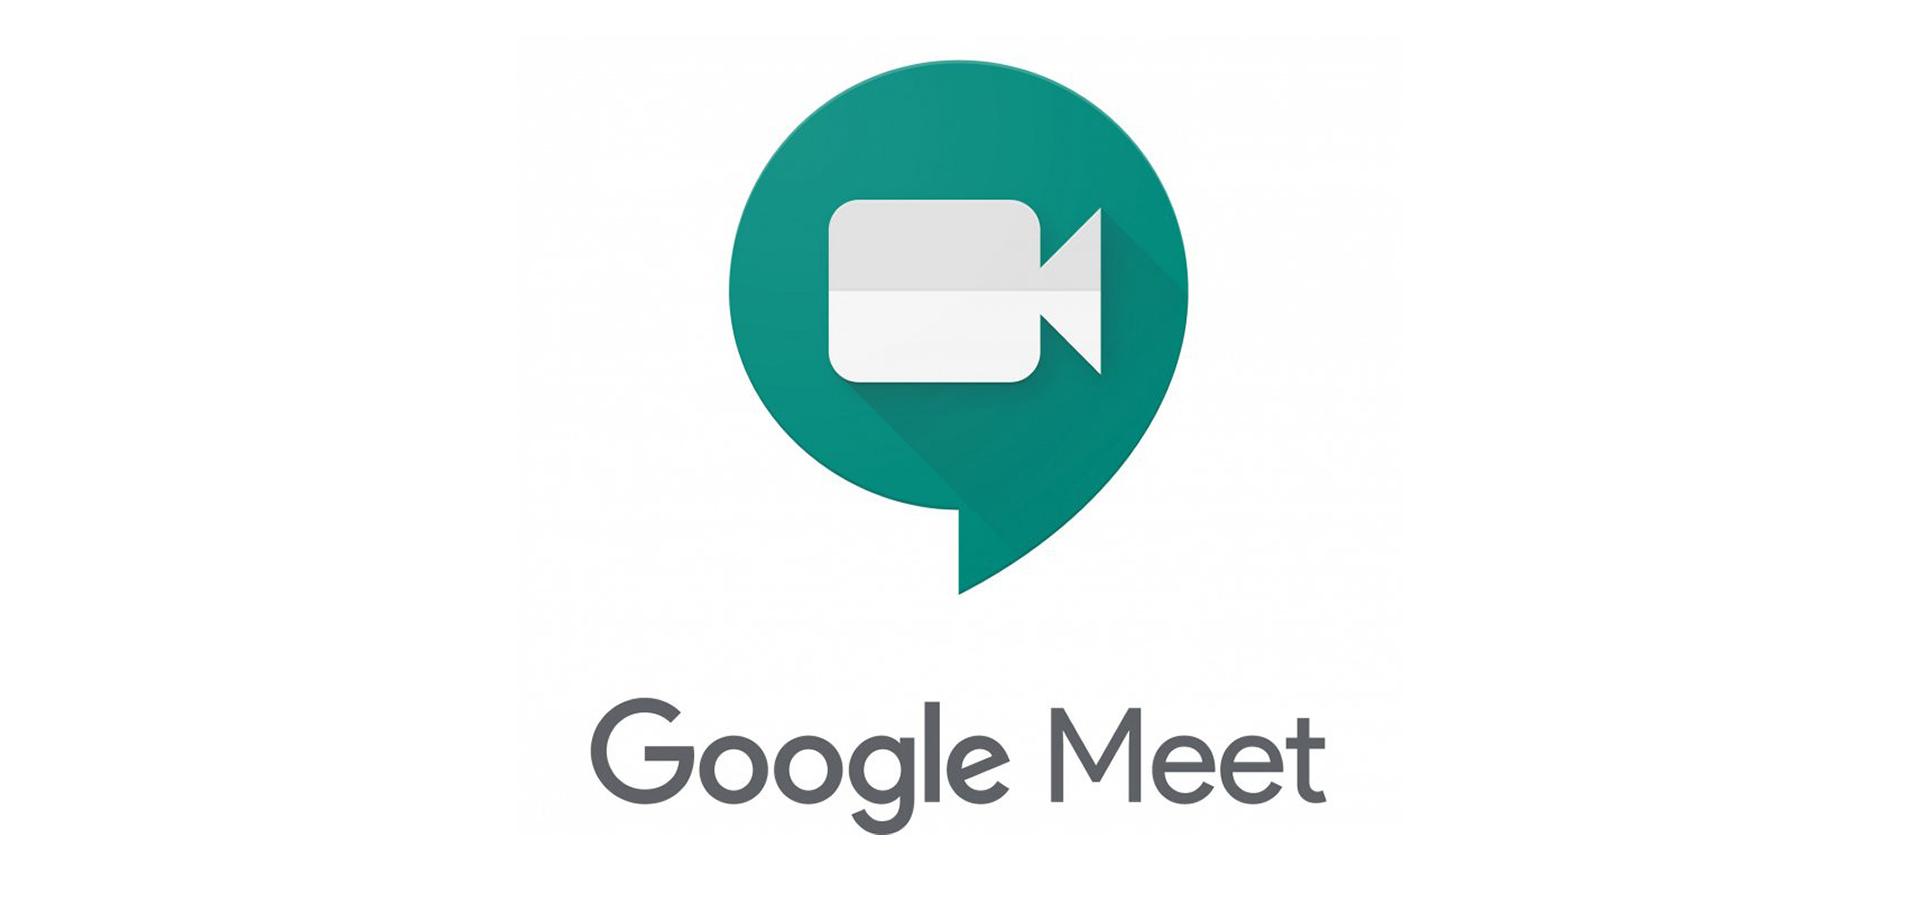 Google Meet bude zdarma pro všechny ještě několik měsíců [aktualizováno]